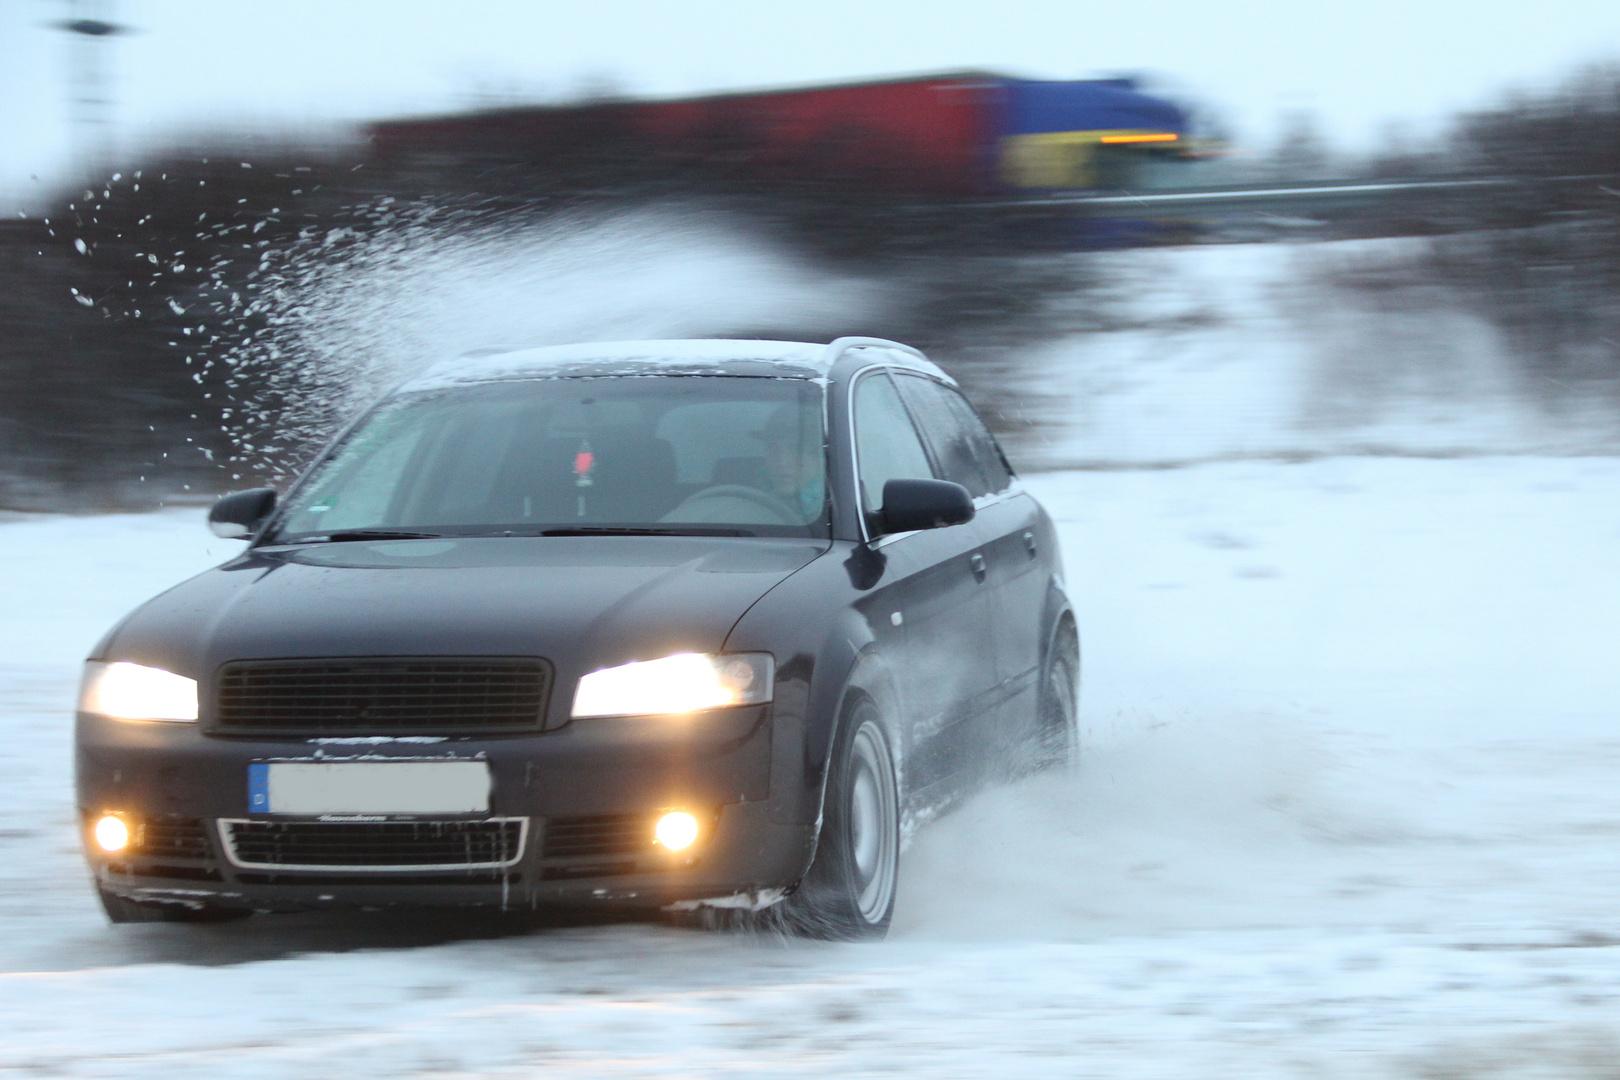 Driften im Winter - Audi